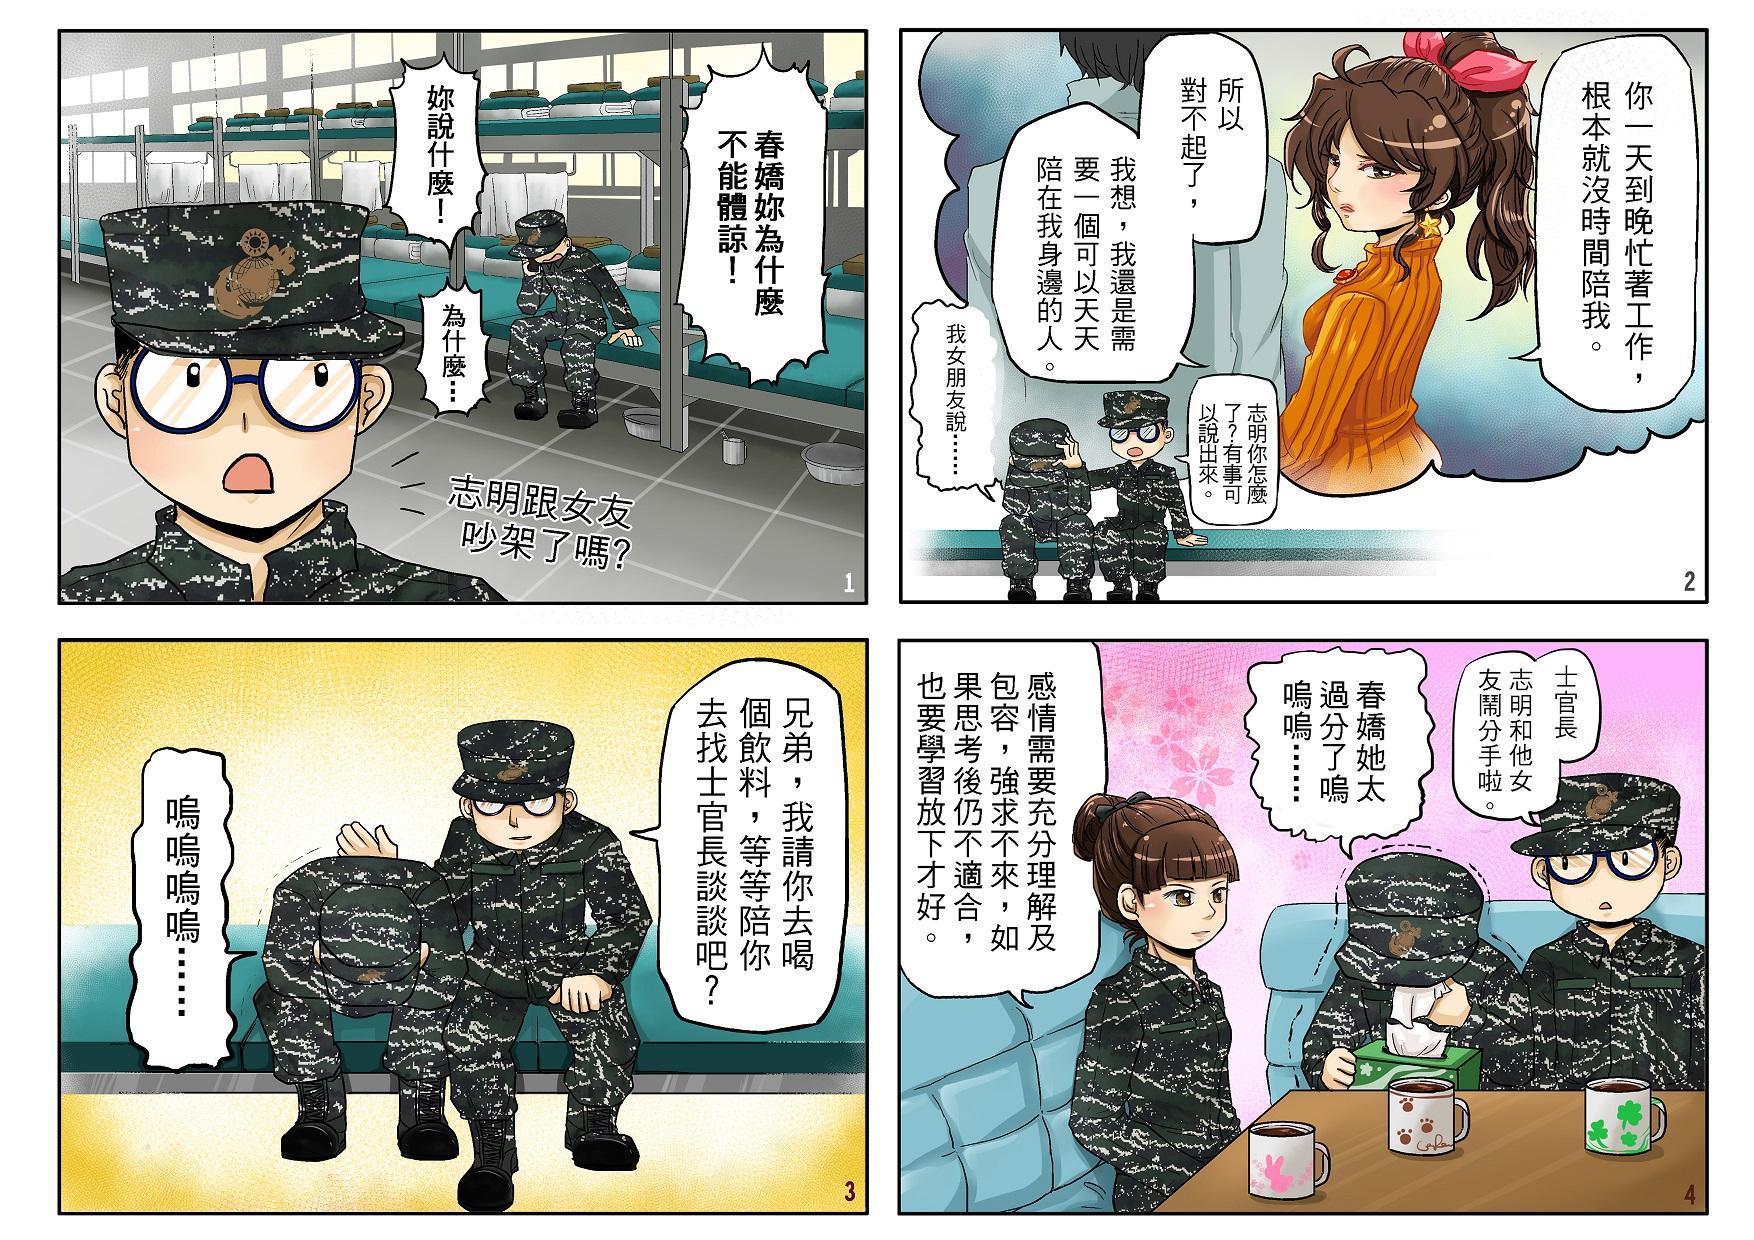 情感問題-失戀分手:勇敢愛、好好分(繪製人:鄭向均上尉).jpg